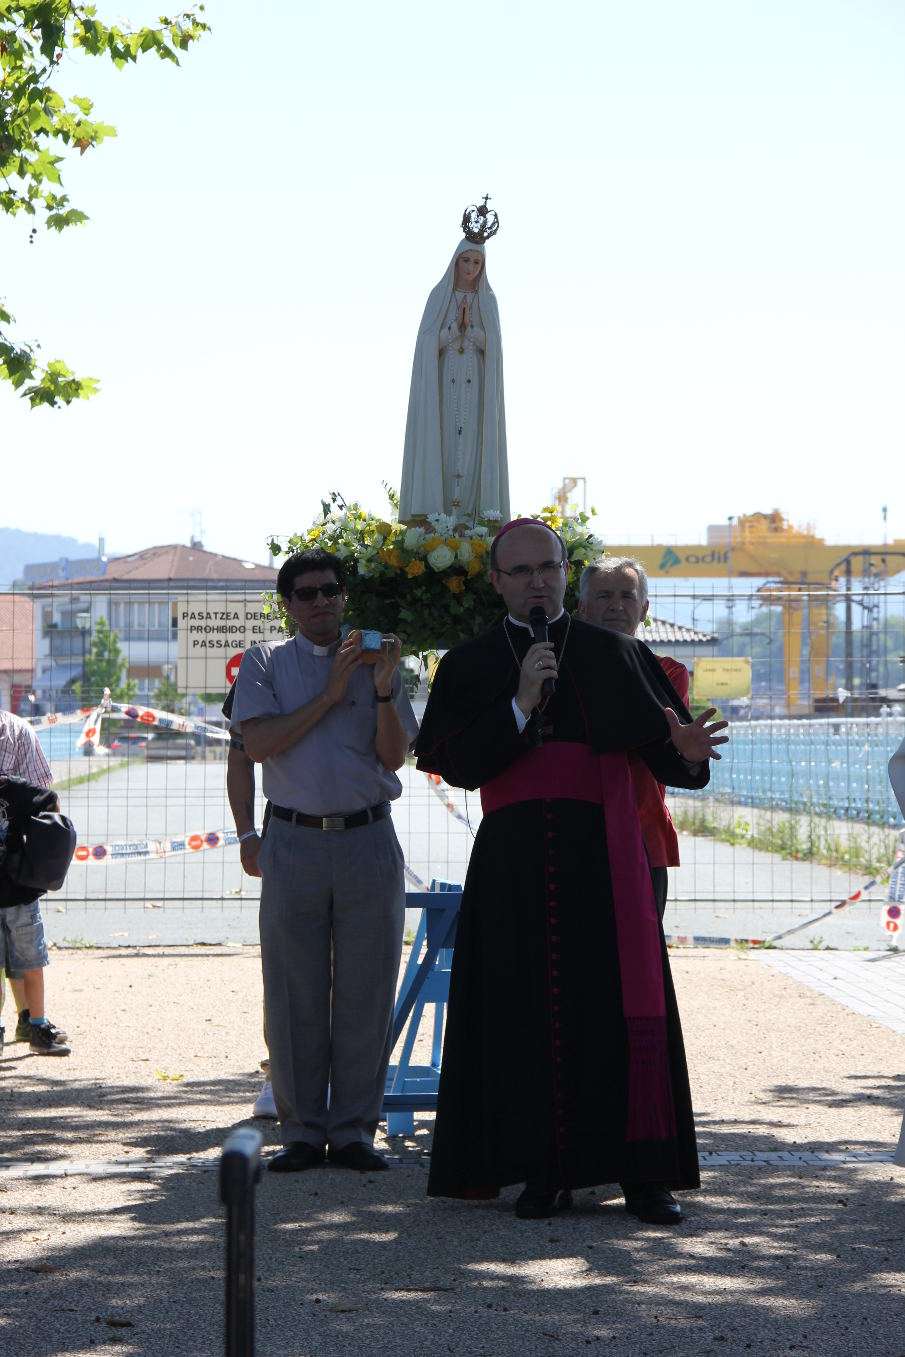 Réponse tout aussi fraternelle de Monseigneur Munilla